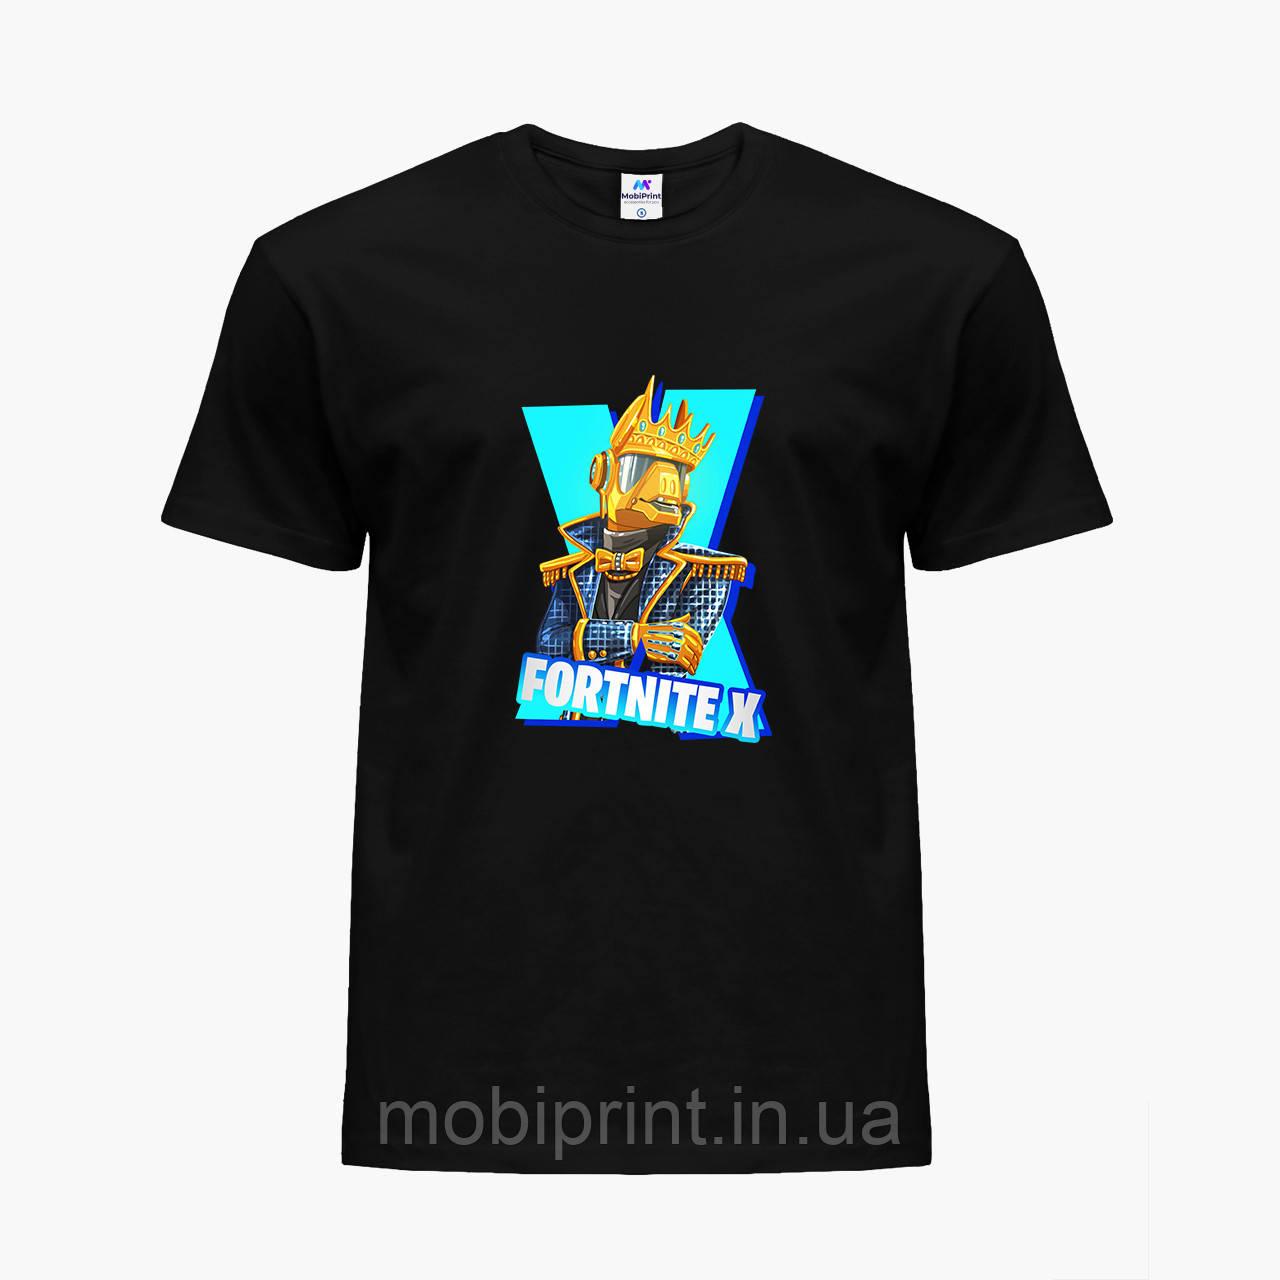 Детская футболка для мальчиков Фортнайт (Fortnite) (25186-1196) Черный